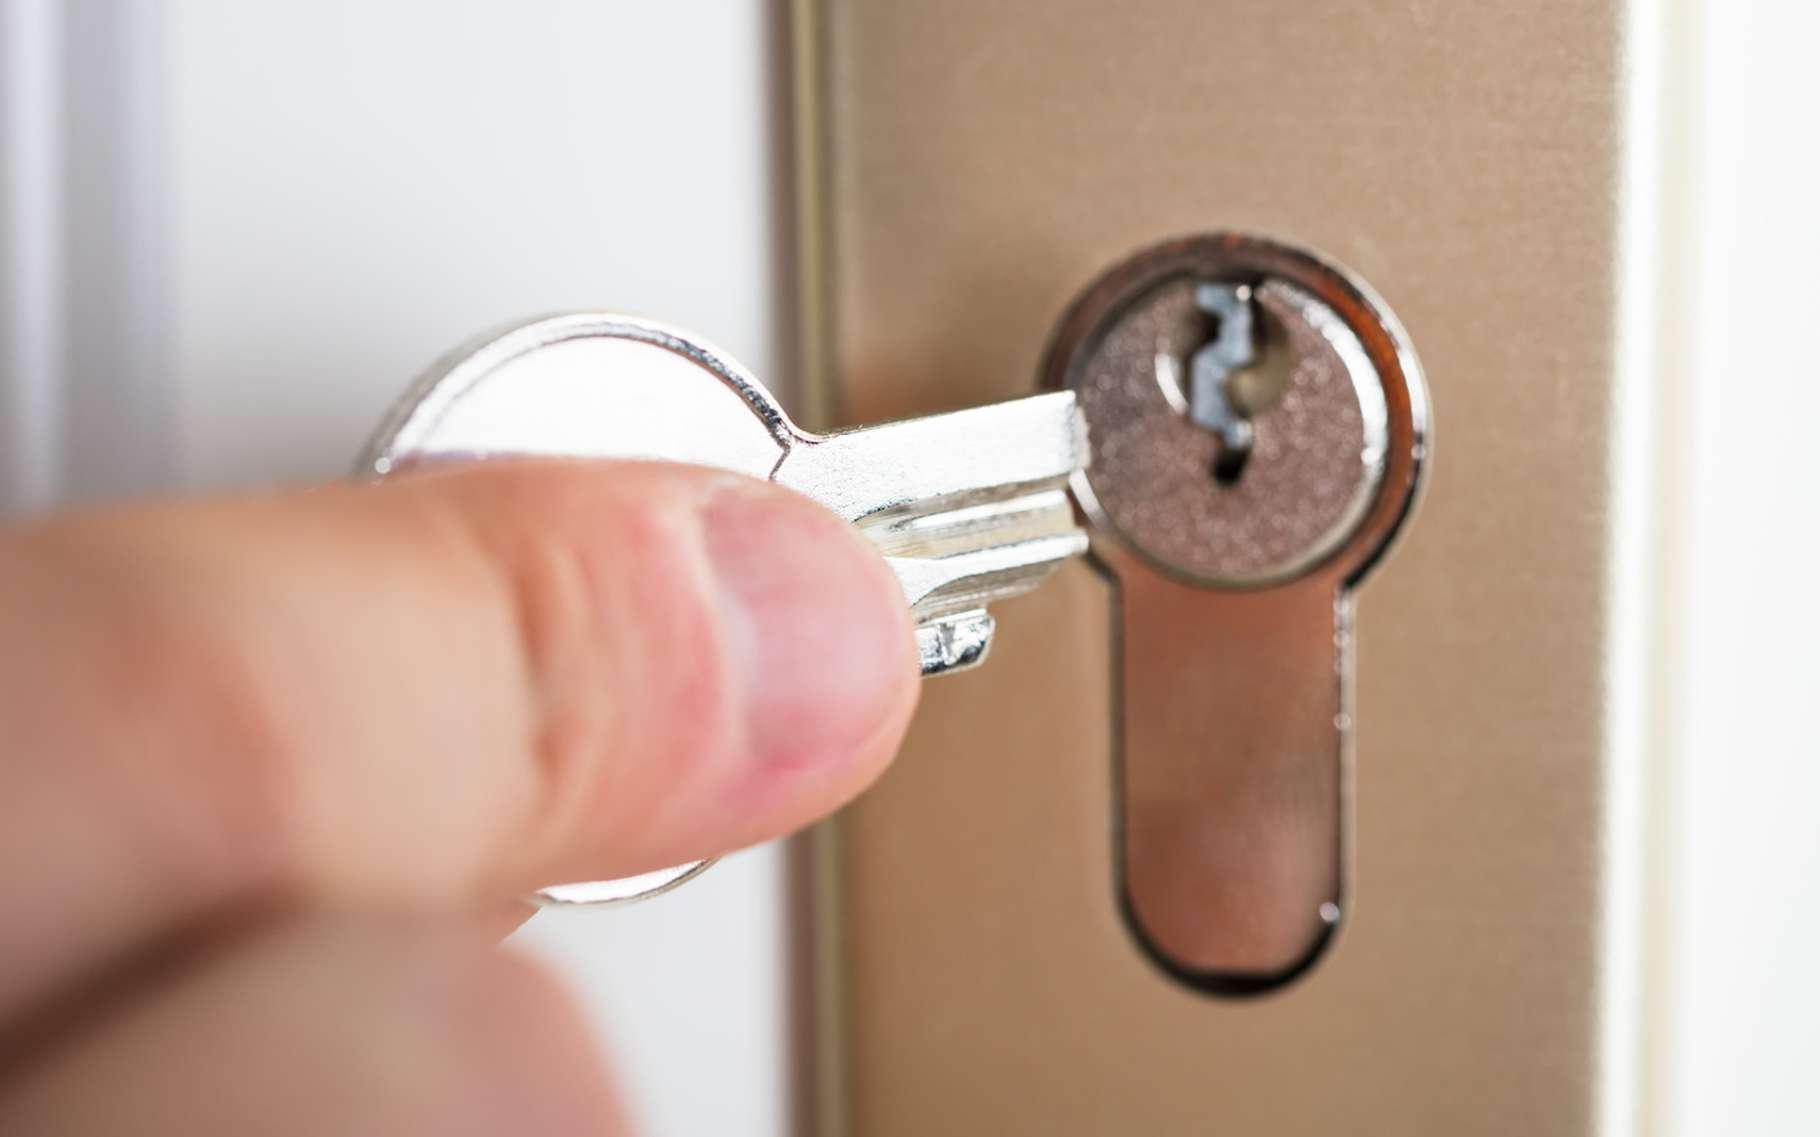 Une clé cassée dans une serrure peut être sortie, mais mieux vaut souvent changer le barillet. © Andrey Popov, Fotolia